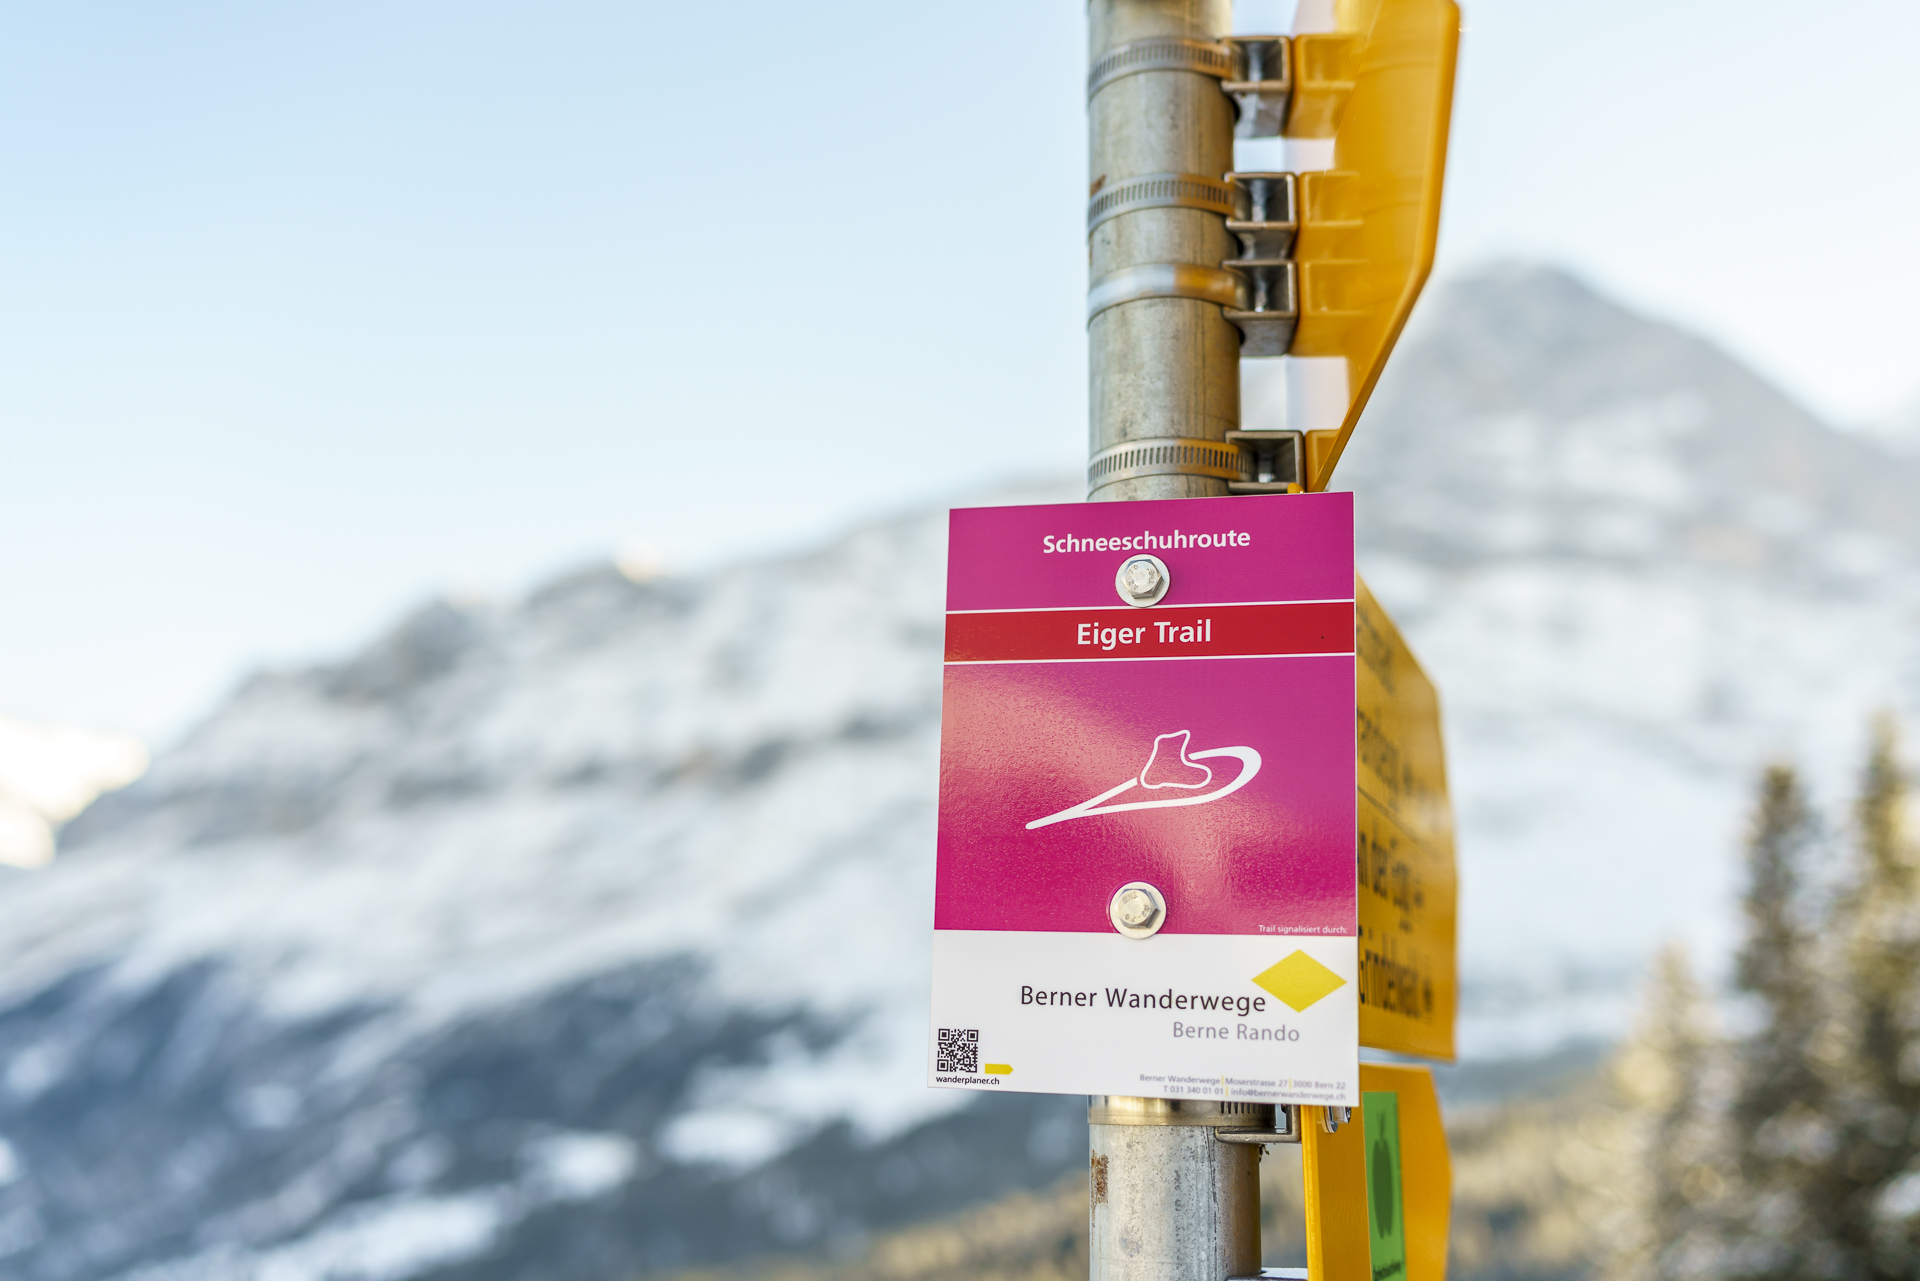 Schneeschuhroute Eiger Trail Grindelwald